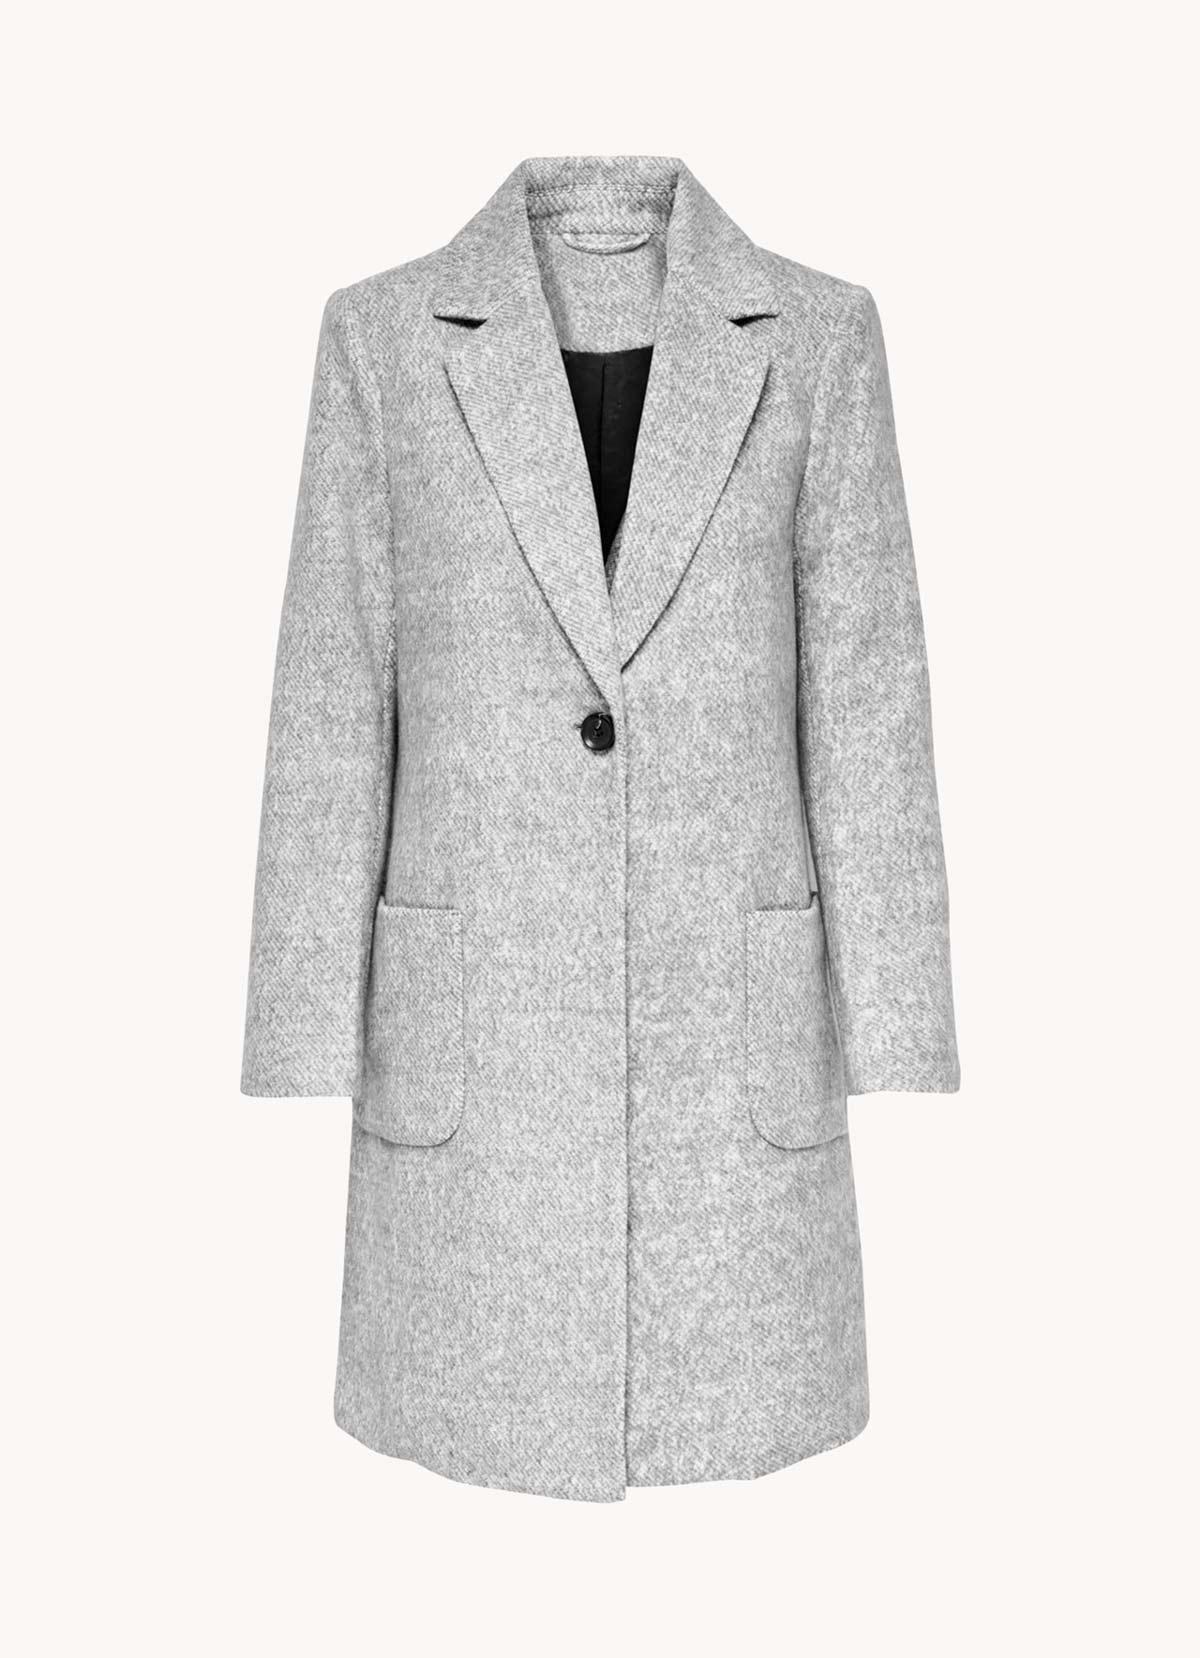 Le manteau gris